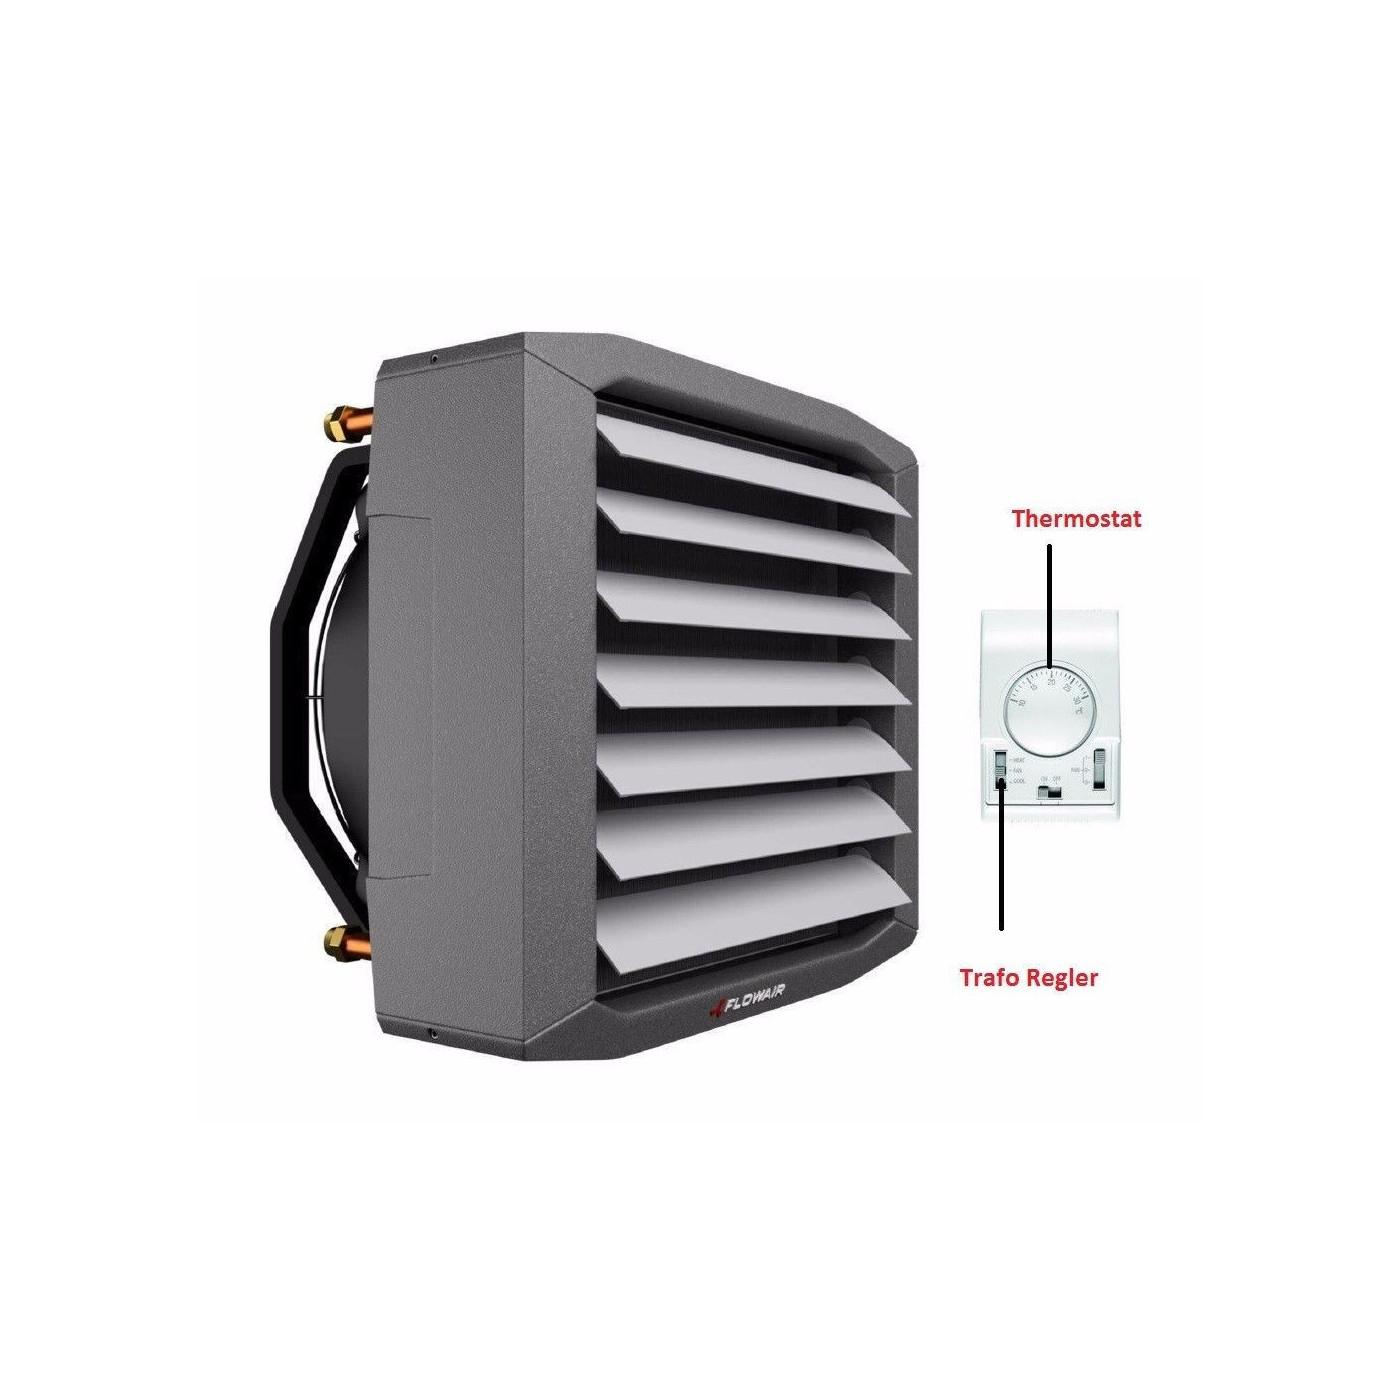 Lufterhitzer 32,7 KW Drehzahltraforegler Thermostat Stellmotor 2 Weg Ventil Heizregister Luftheizung Hallenheizung